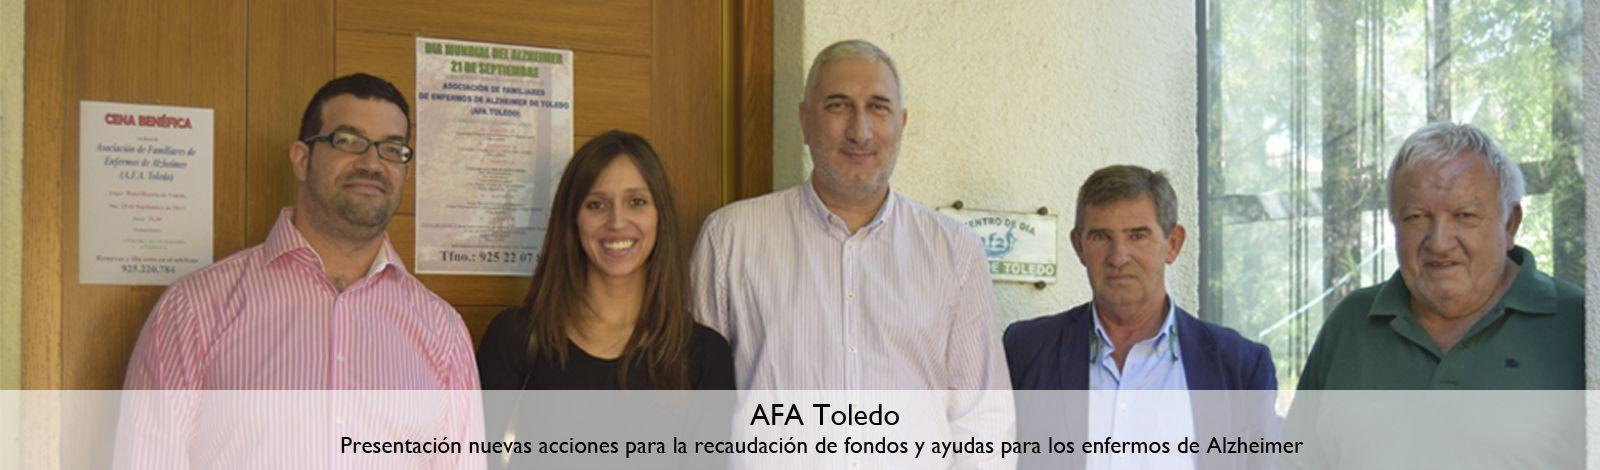 afa_toledo